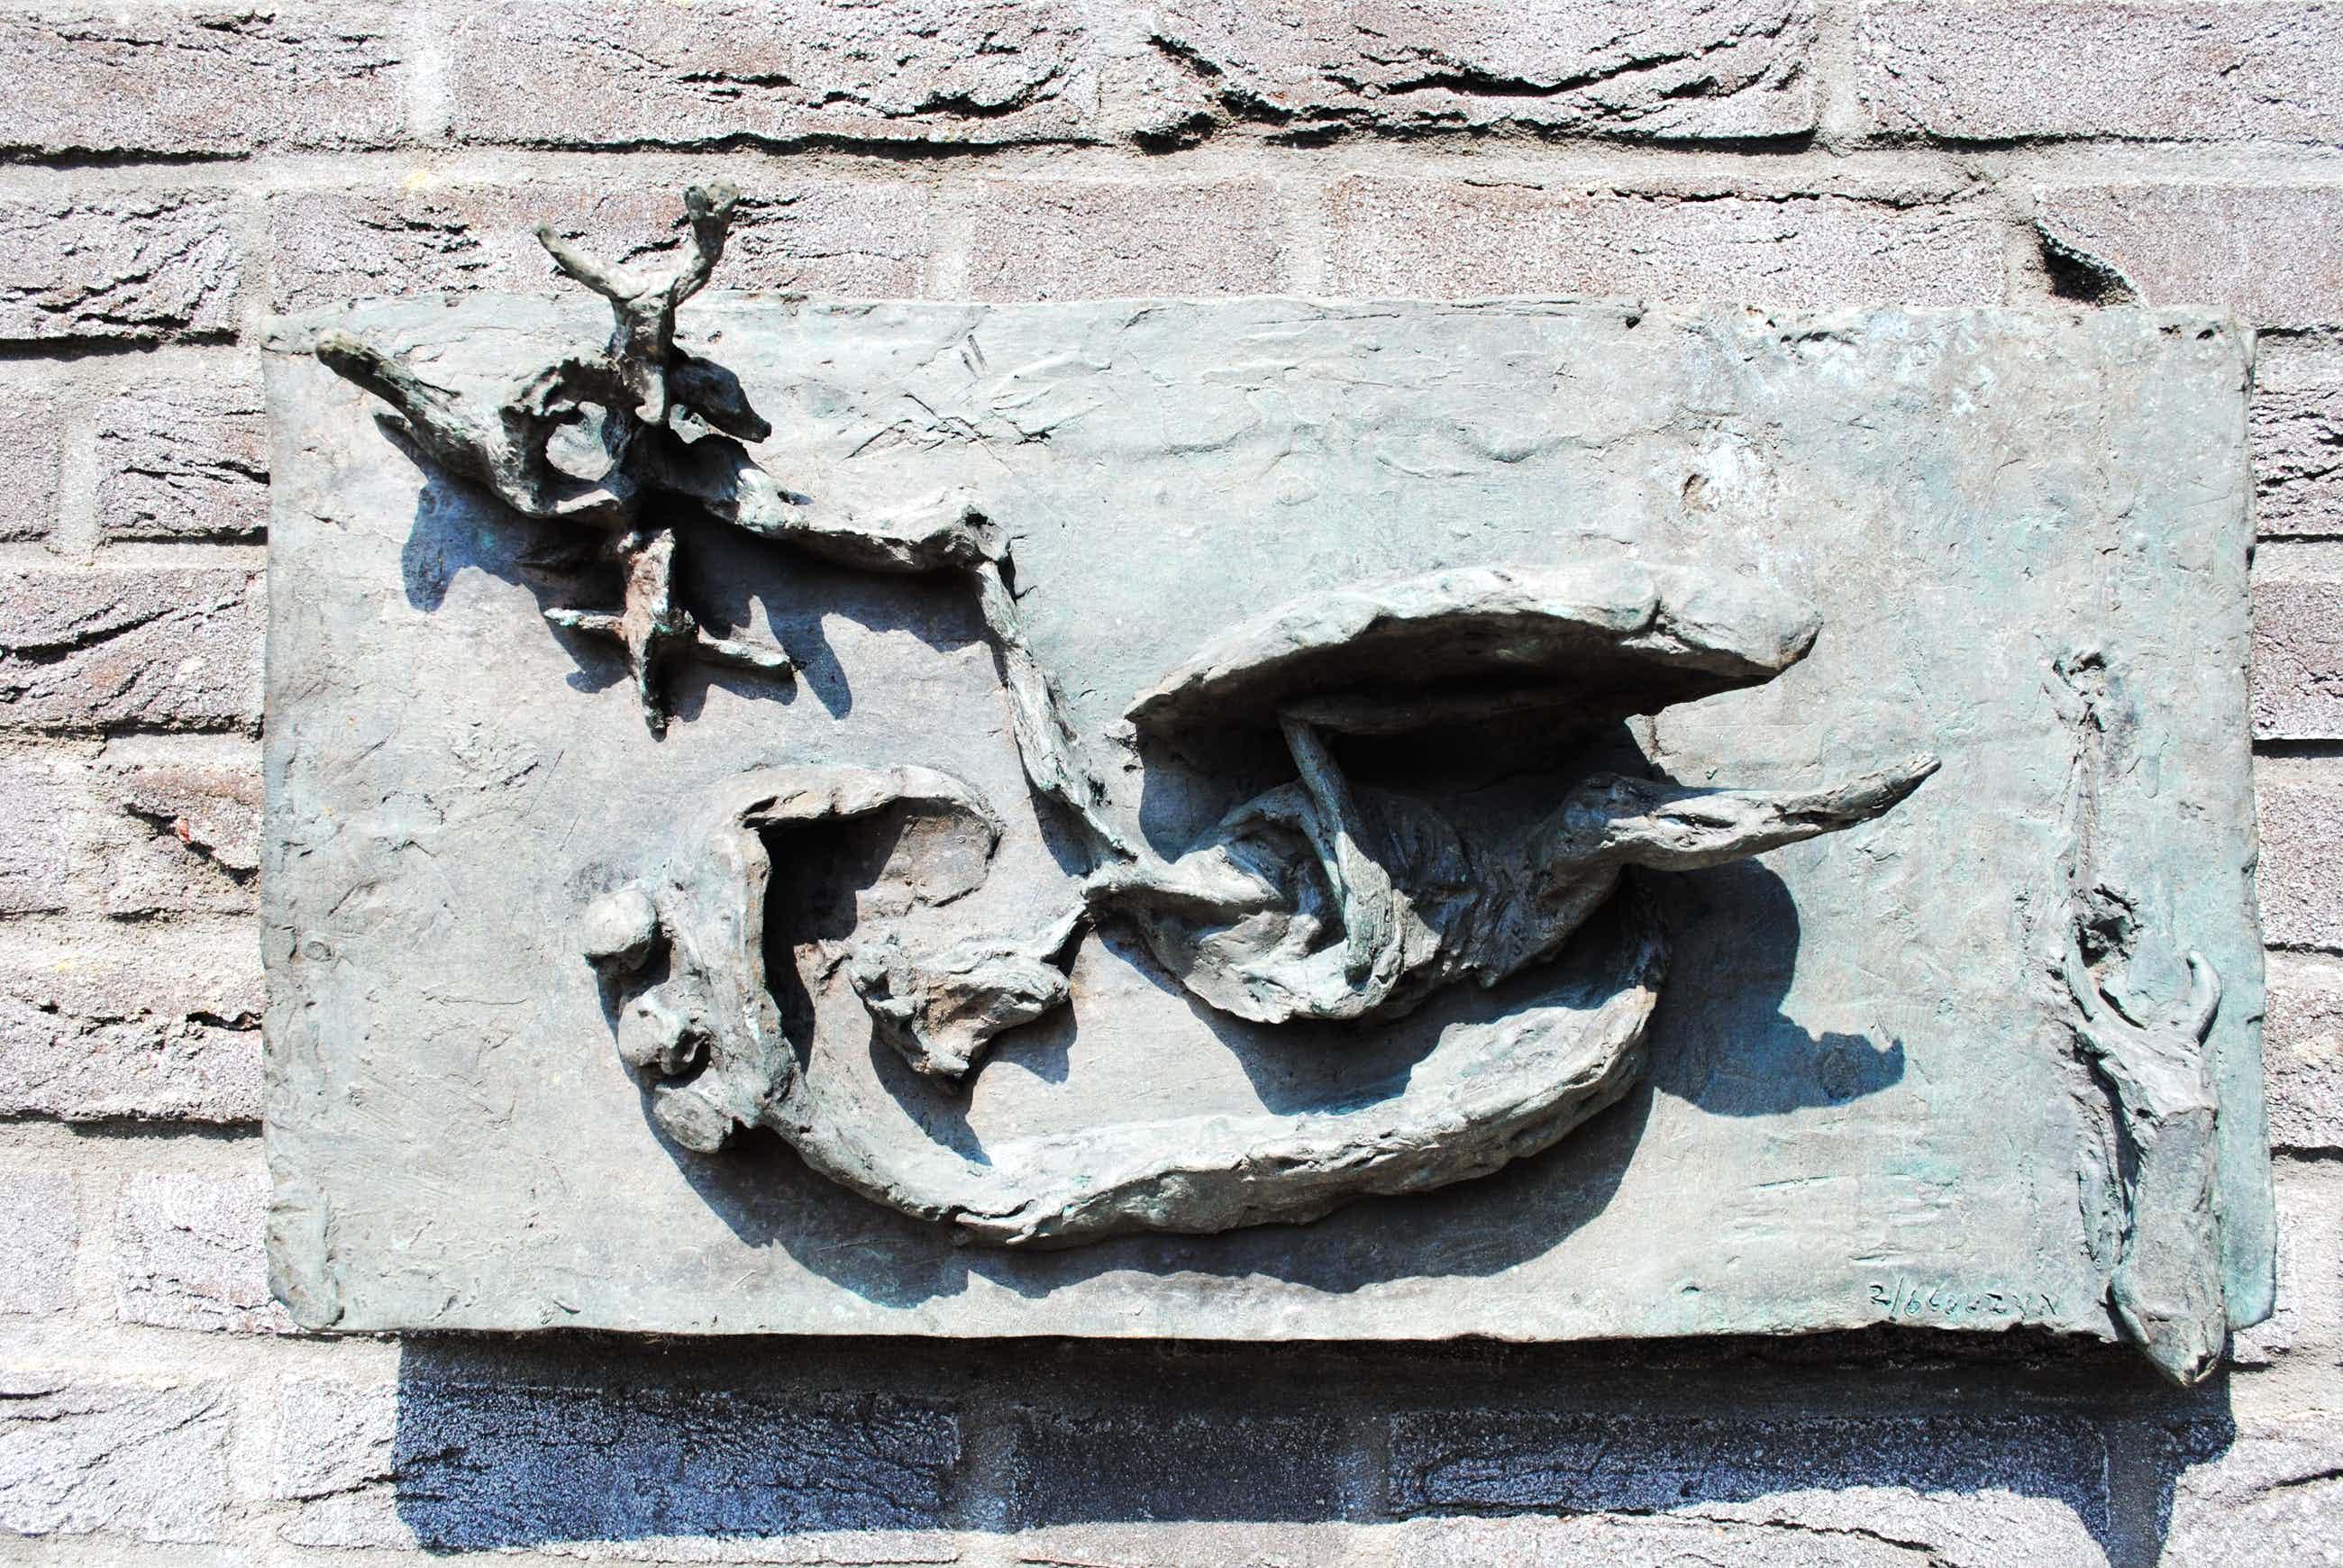 Wessel Couzijn - Wandsculptuur brons - Opstanding (Verrijzenis) uit 1955 - oplage 2/6  kopen? Bied vanaf 1750!